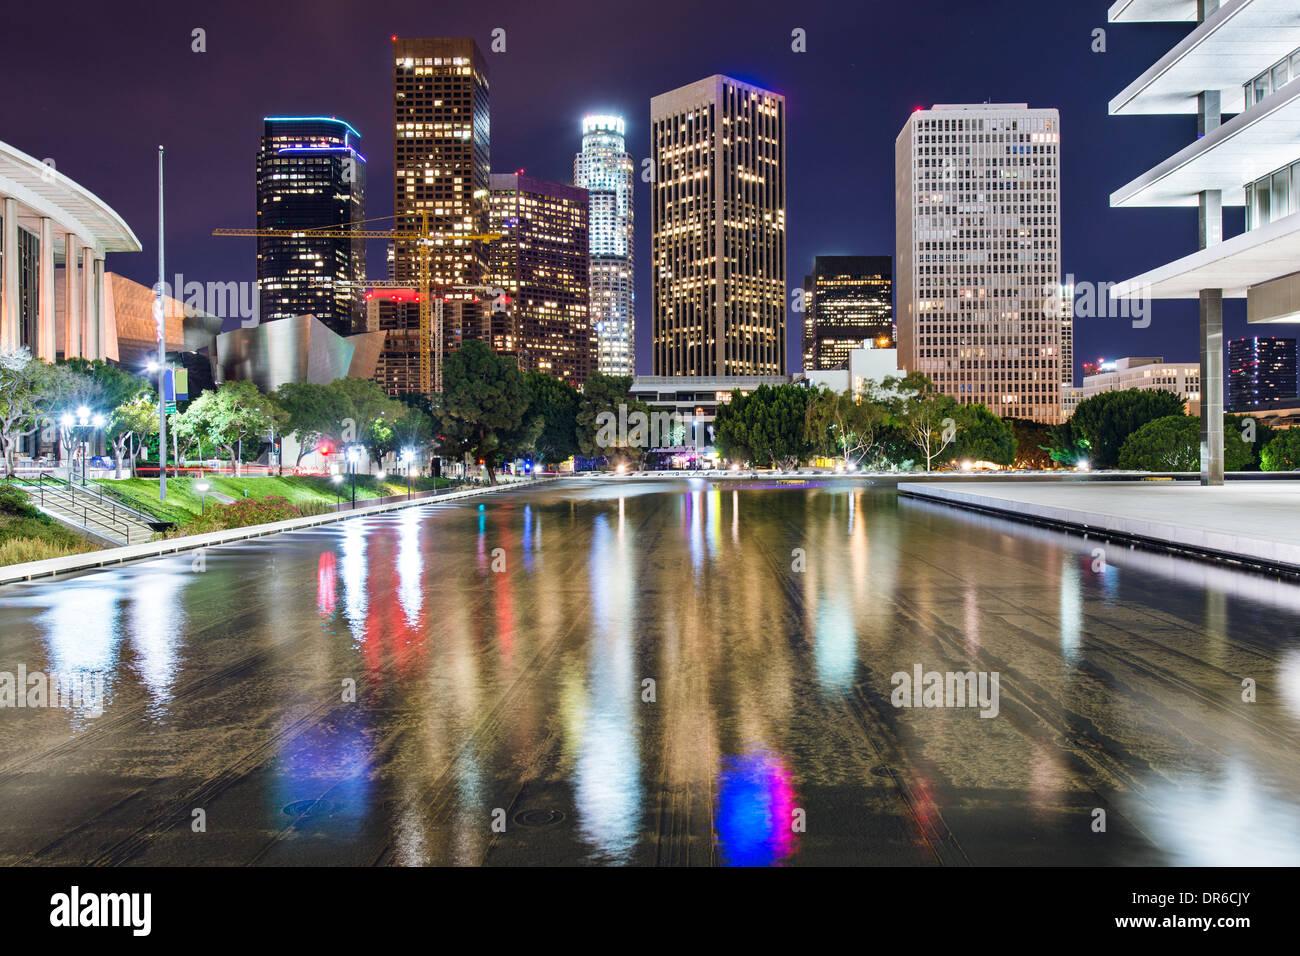 Los Angeles, Californie sur le centre-ville. Photo Stock